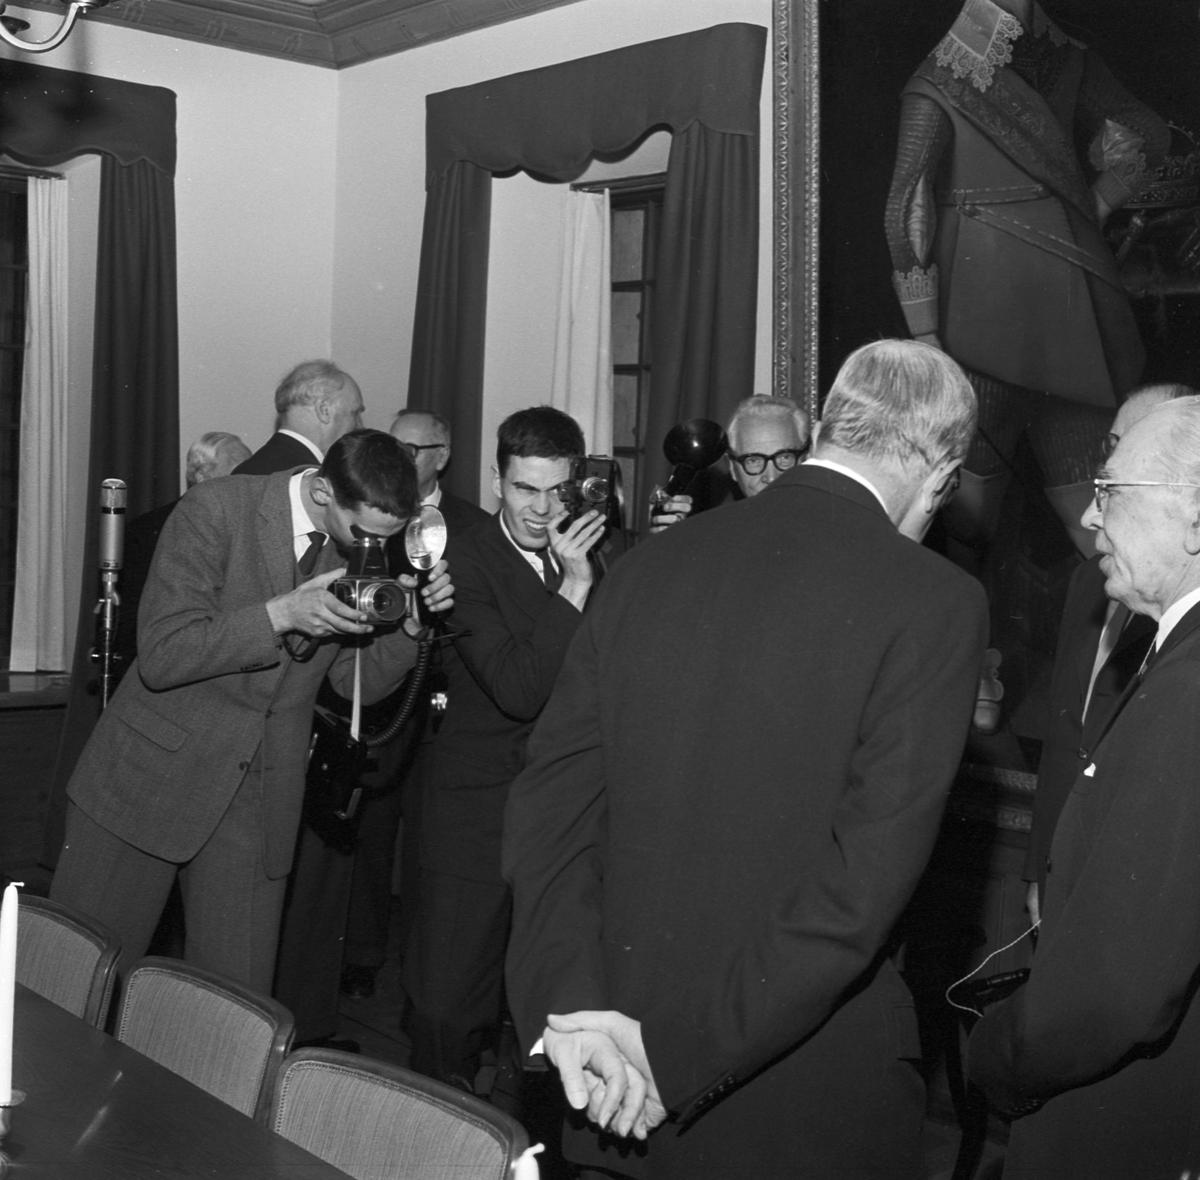 Gustav Adolfs Akademien, invigning av nya lokaler med kungen som hedersgäst, Uppsala 1958